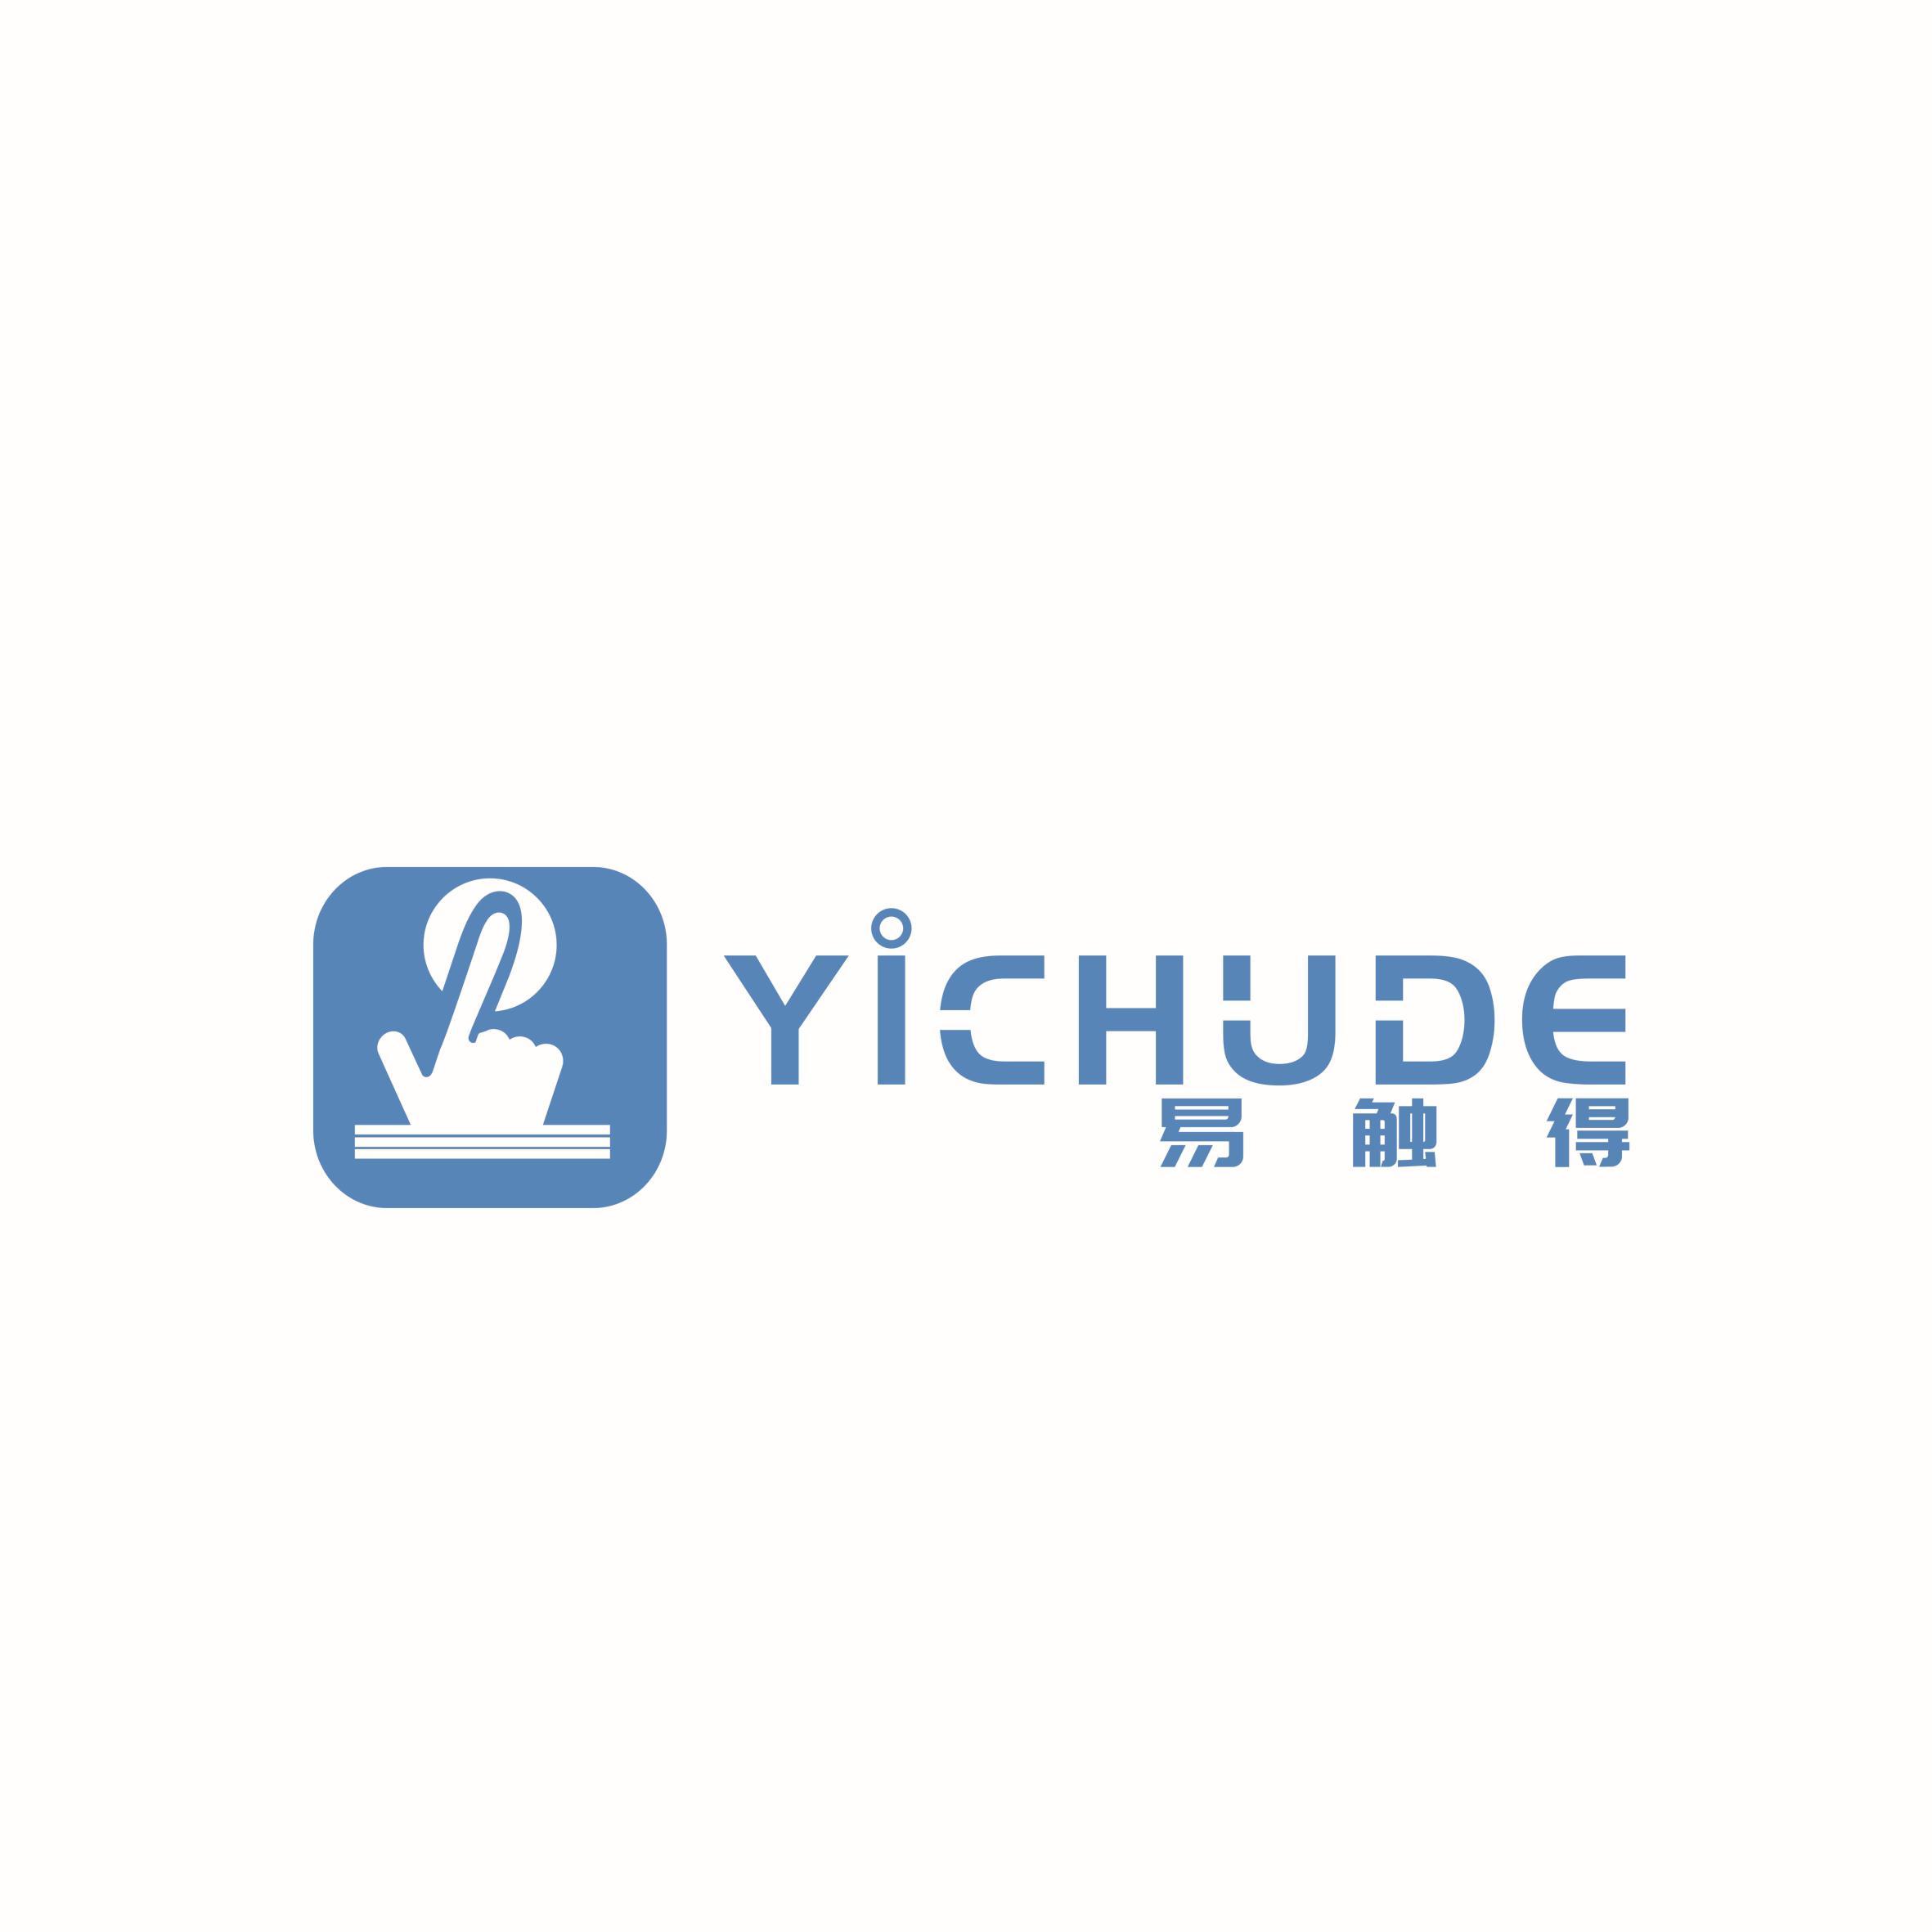 深圳市易触得科技有限公司